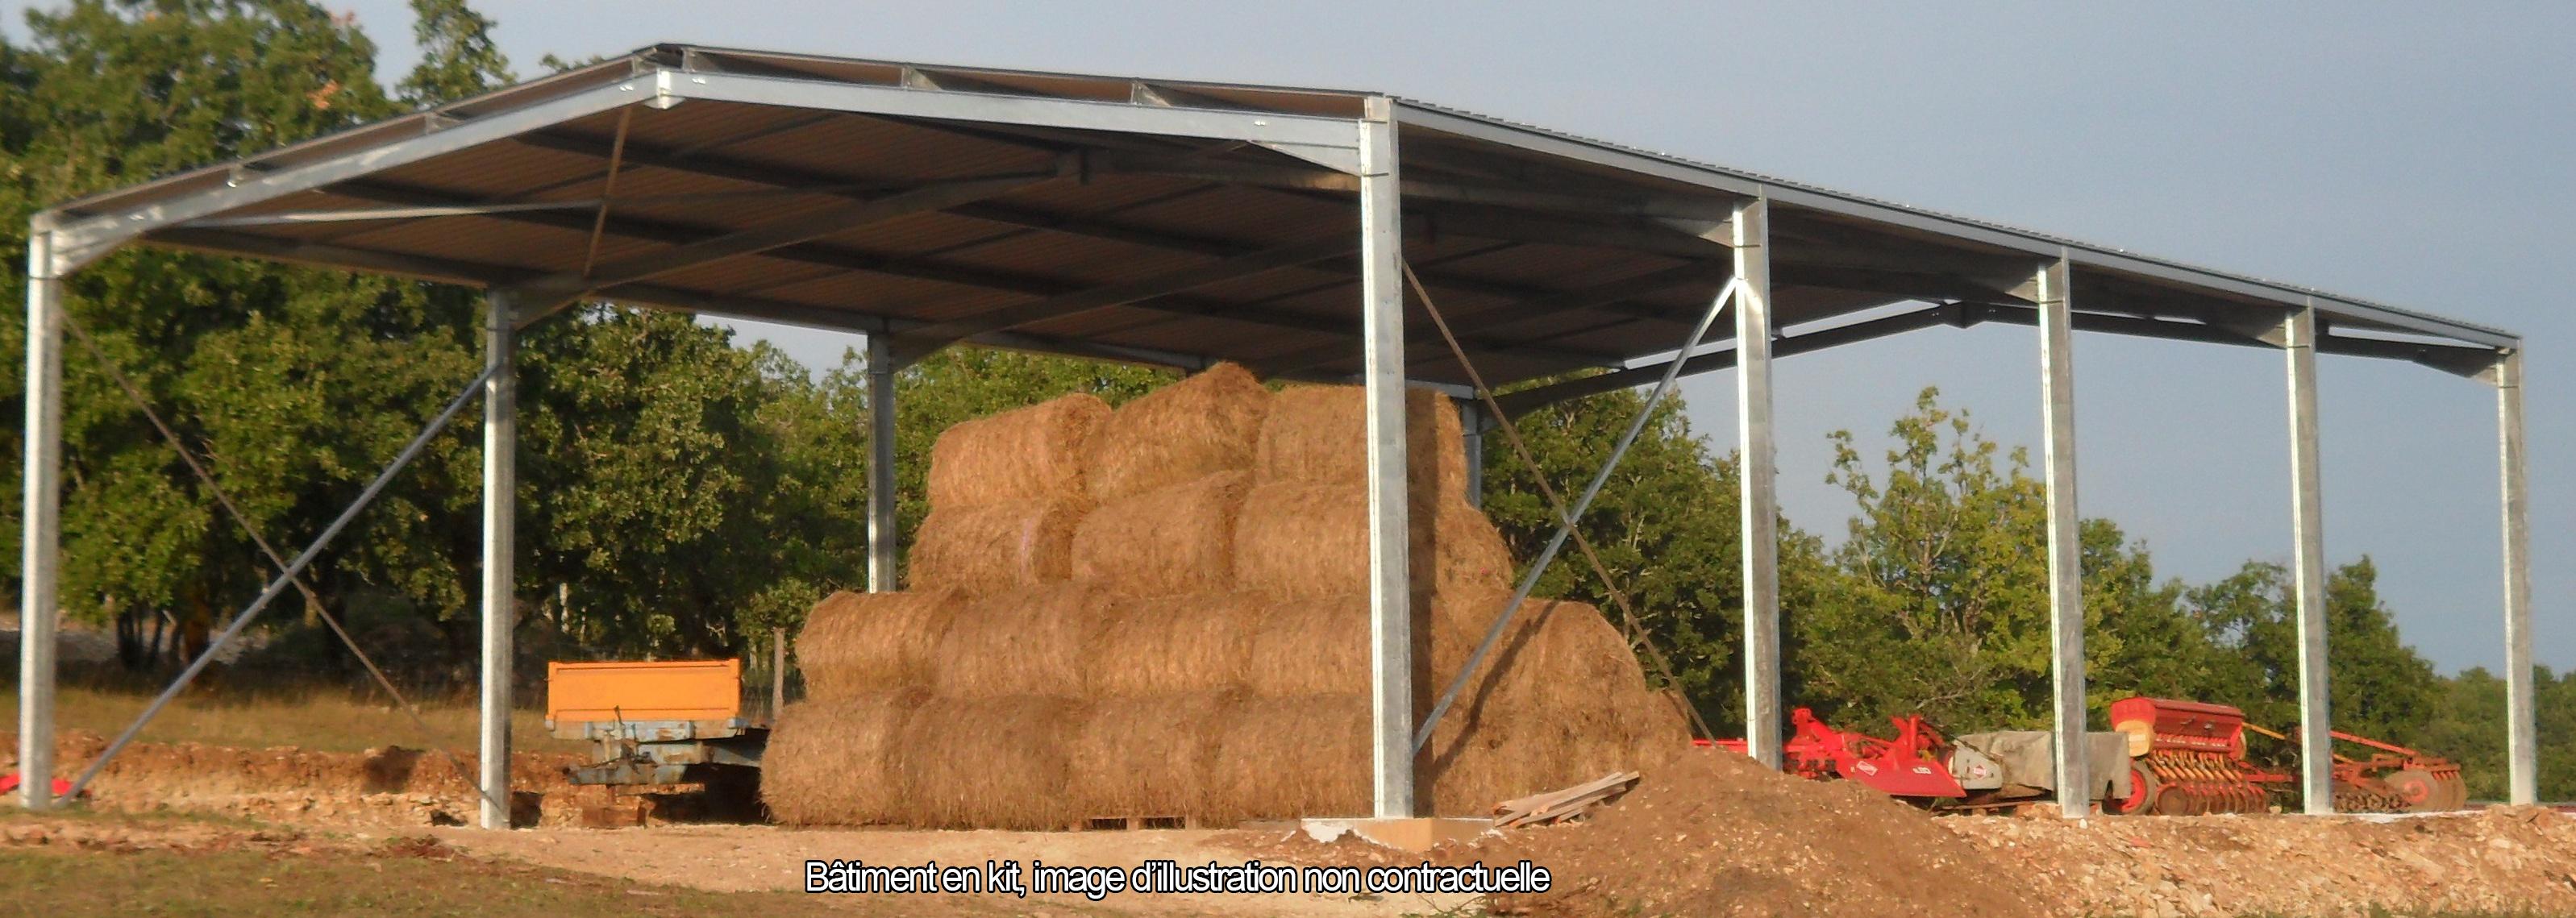 abris agricoles tous les fournisseurs abri agricole prefabrique abri agricole demontable. Black Bedroom Furniture Sets. Home Design Ideas